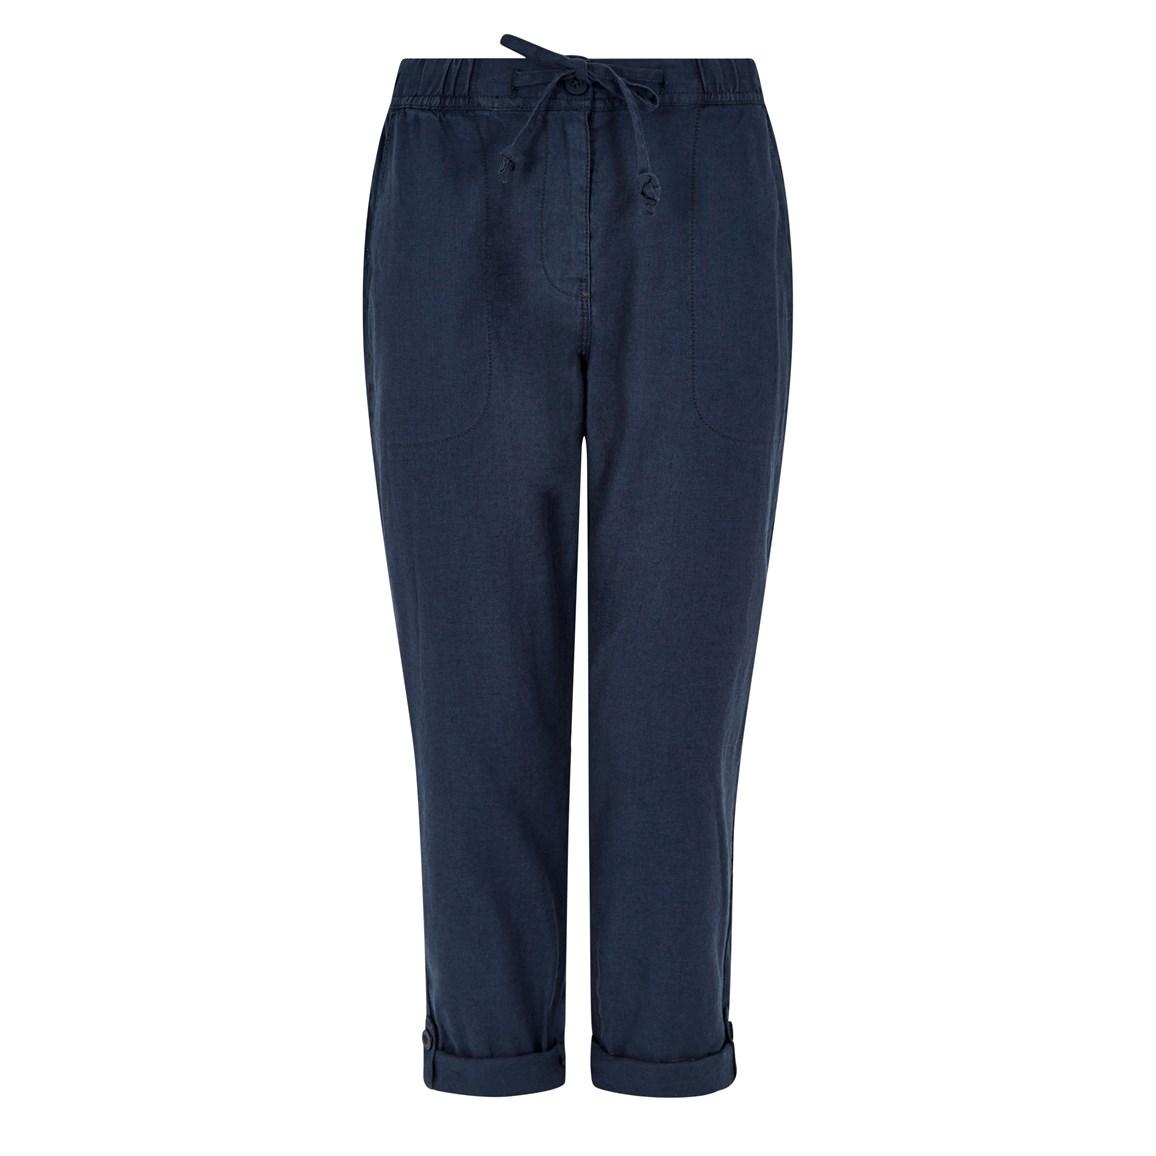 Women's Trousers Weird Fish Kenna Linen Crop Trousers Dark Navy Size 14